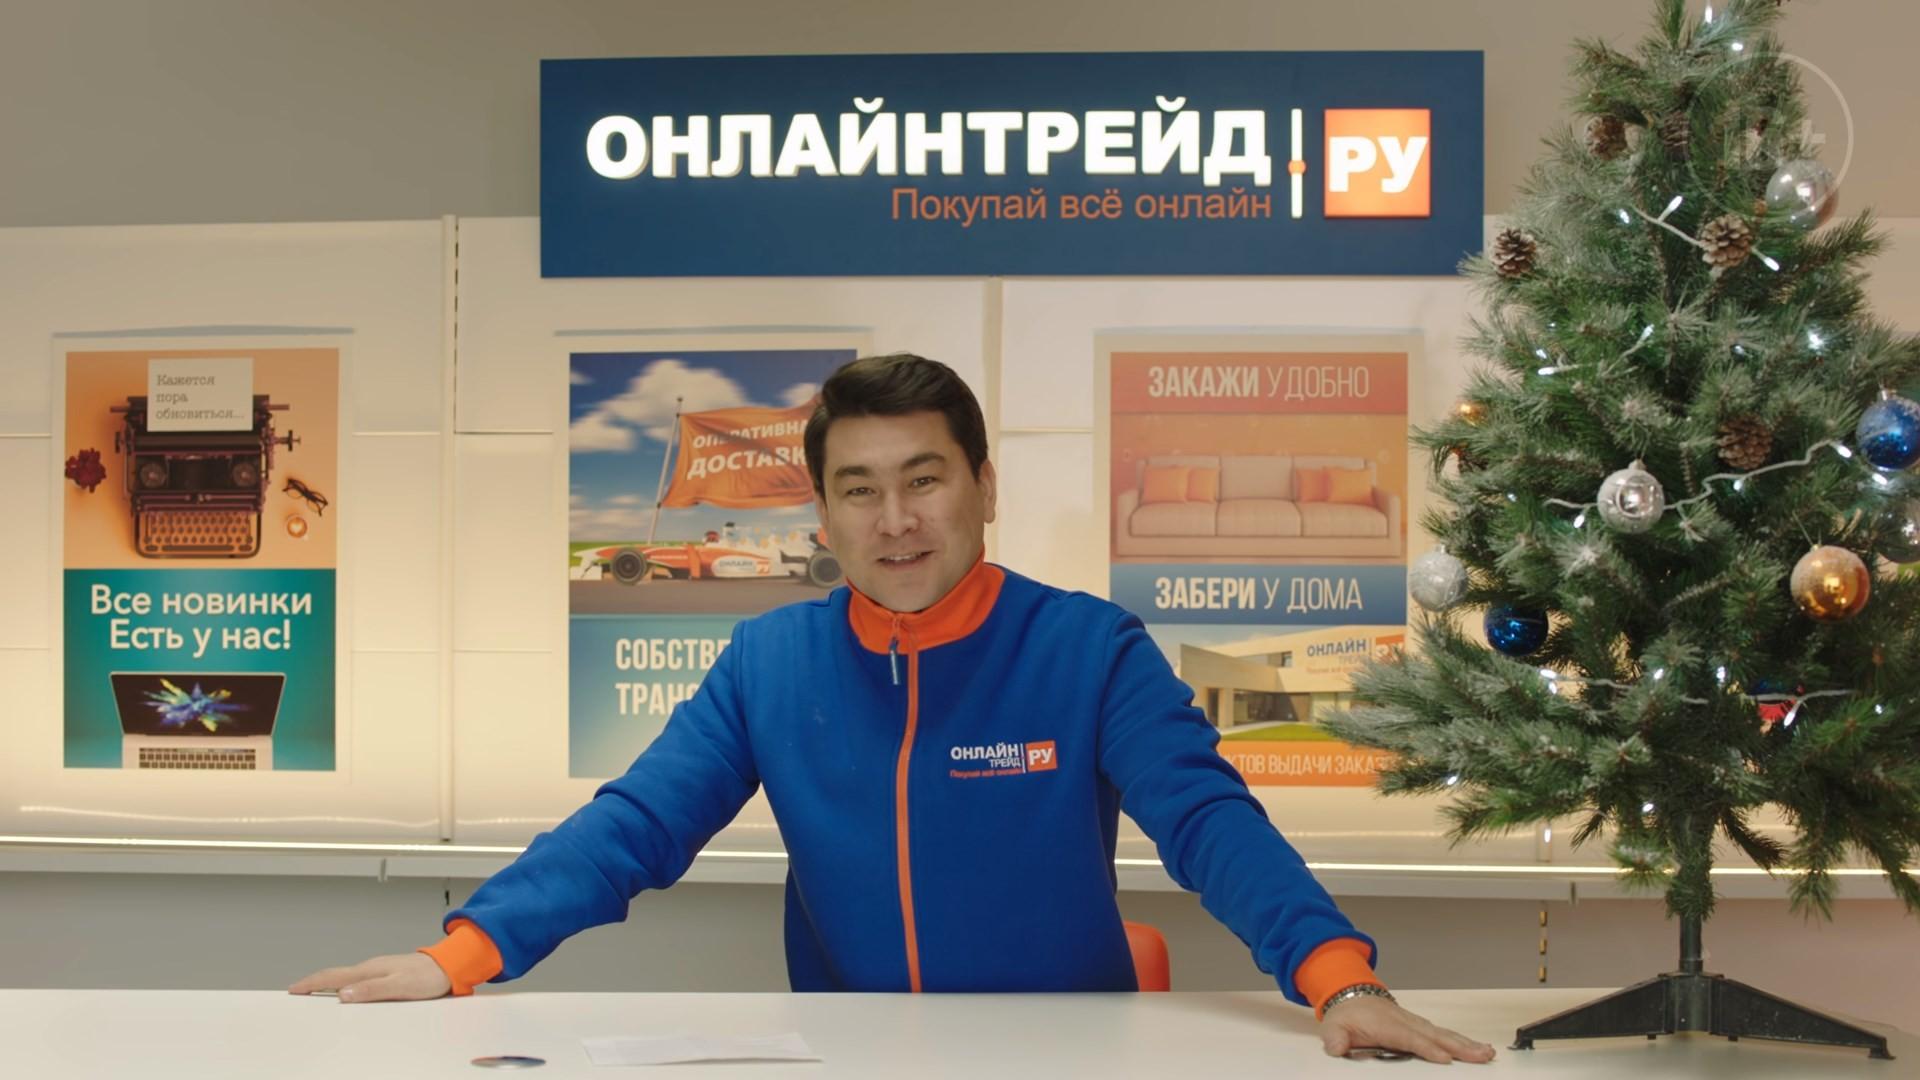 Магазин «Онлайнтрейд.ру» в нестандартной форме рассказал о подходе к каждому клиенту